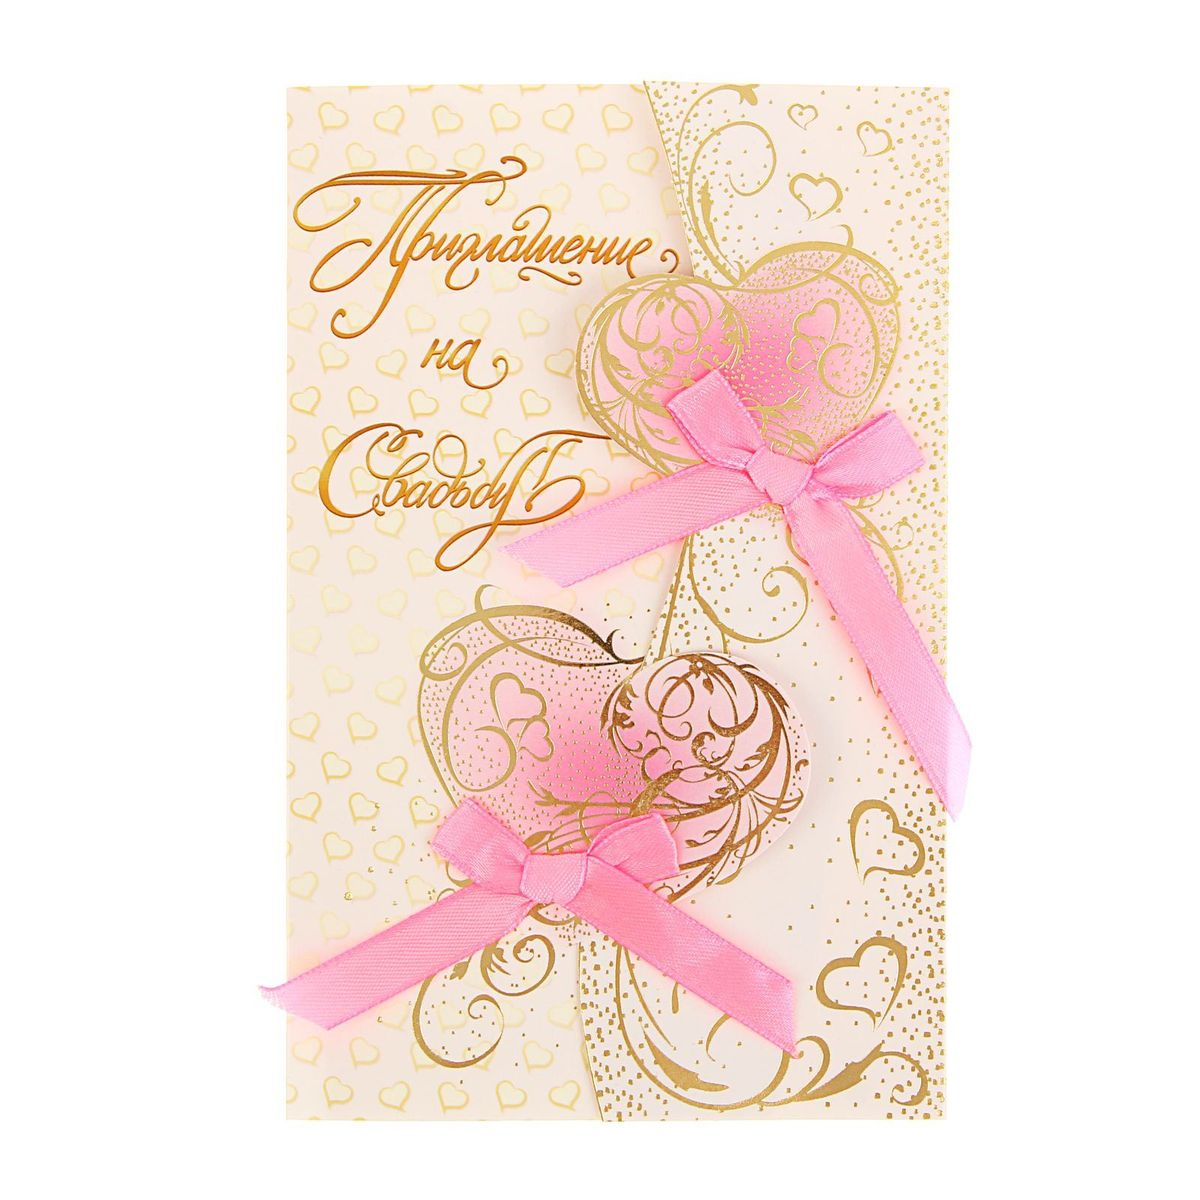 Эдельвейс Приглашение на свадьбу, сердца. 1145473MB860Приглашение — один из самых важных элементов вашего торжества. Задумайтесь, ведь именно пригласительное письмо станет первым и главнымобъявлением о том, что вы решили провести столь важное мероприятие. И эта новость обязательно должна быть преподнесена достойным образом.Приглашение —не отдельно существующий элемент, но весомая часть всей концепции праздника.